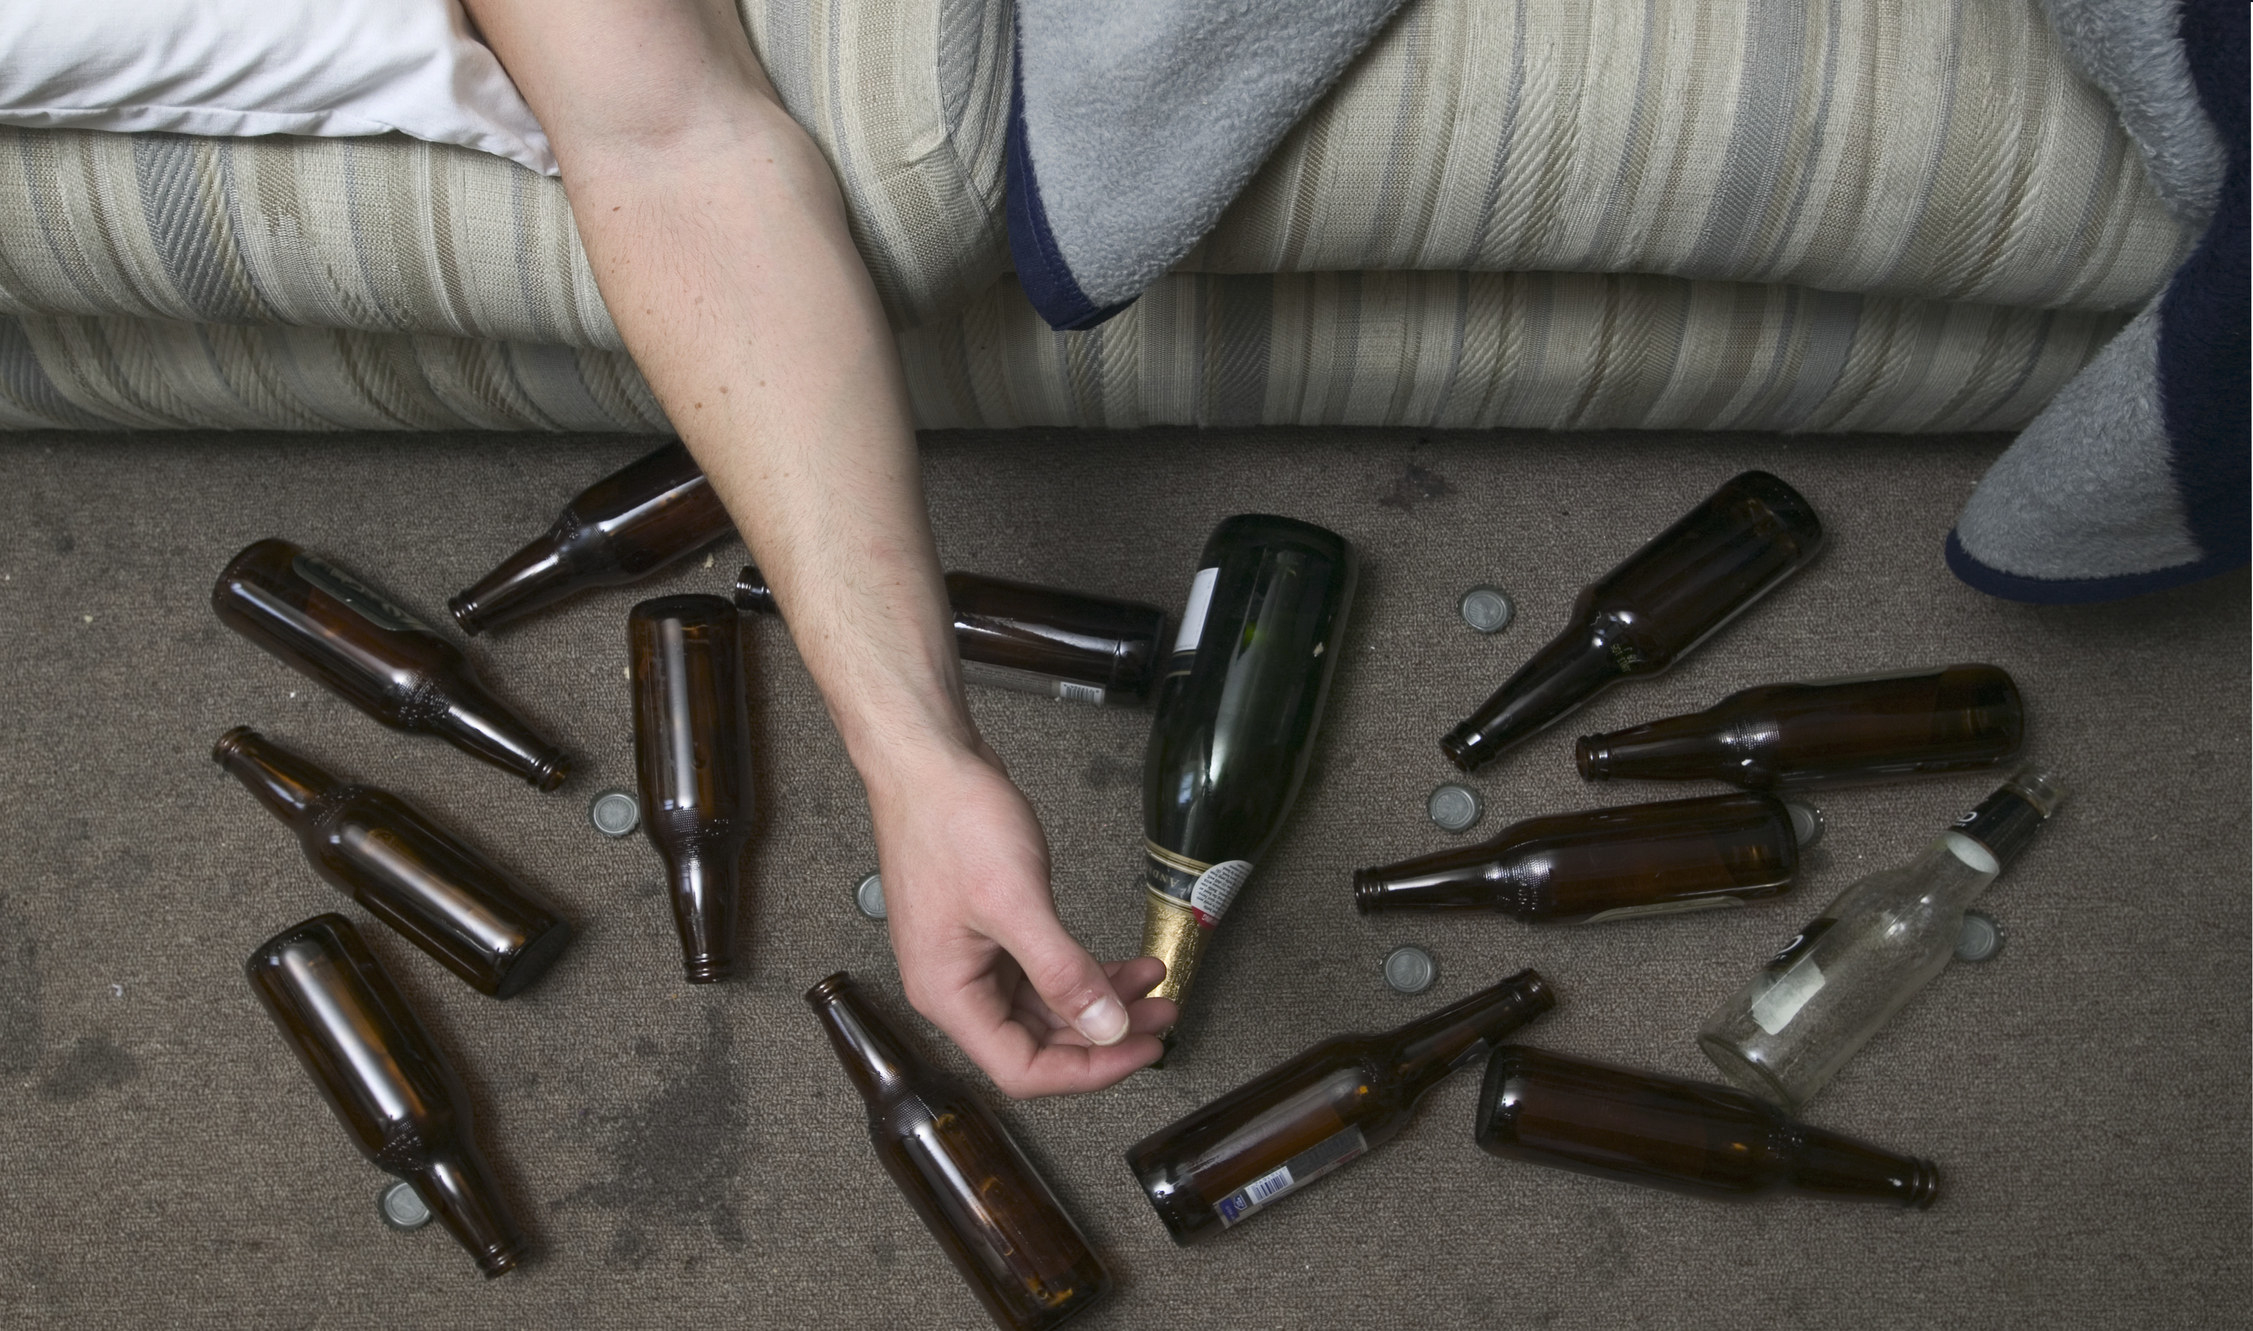 """一只胳膊从沙发上掉下来,趴在地上的一堆空啤酒瓶和瓶盖上""""class="""